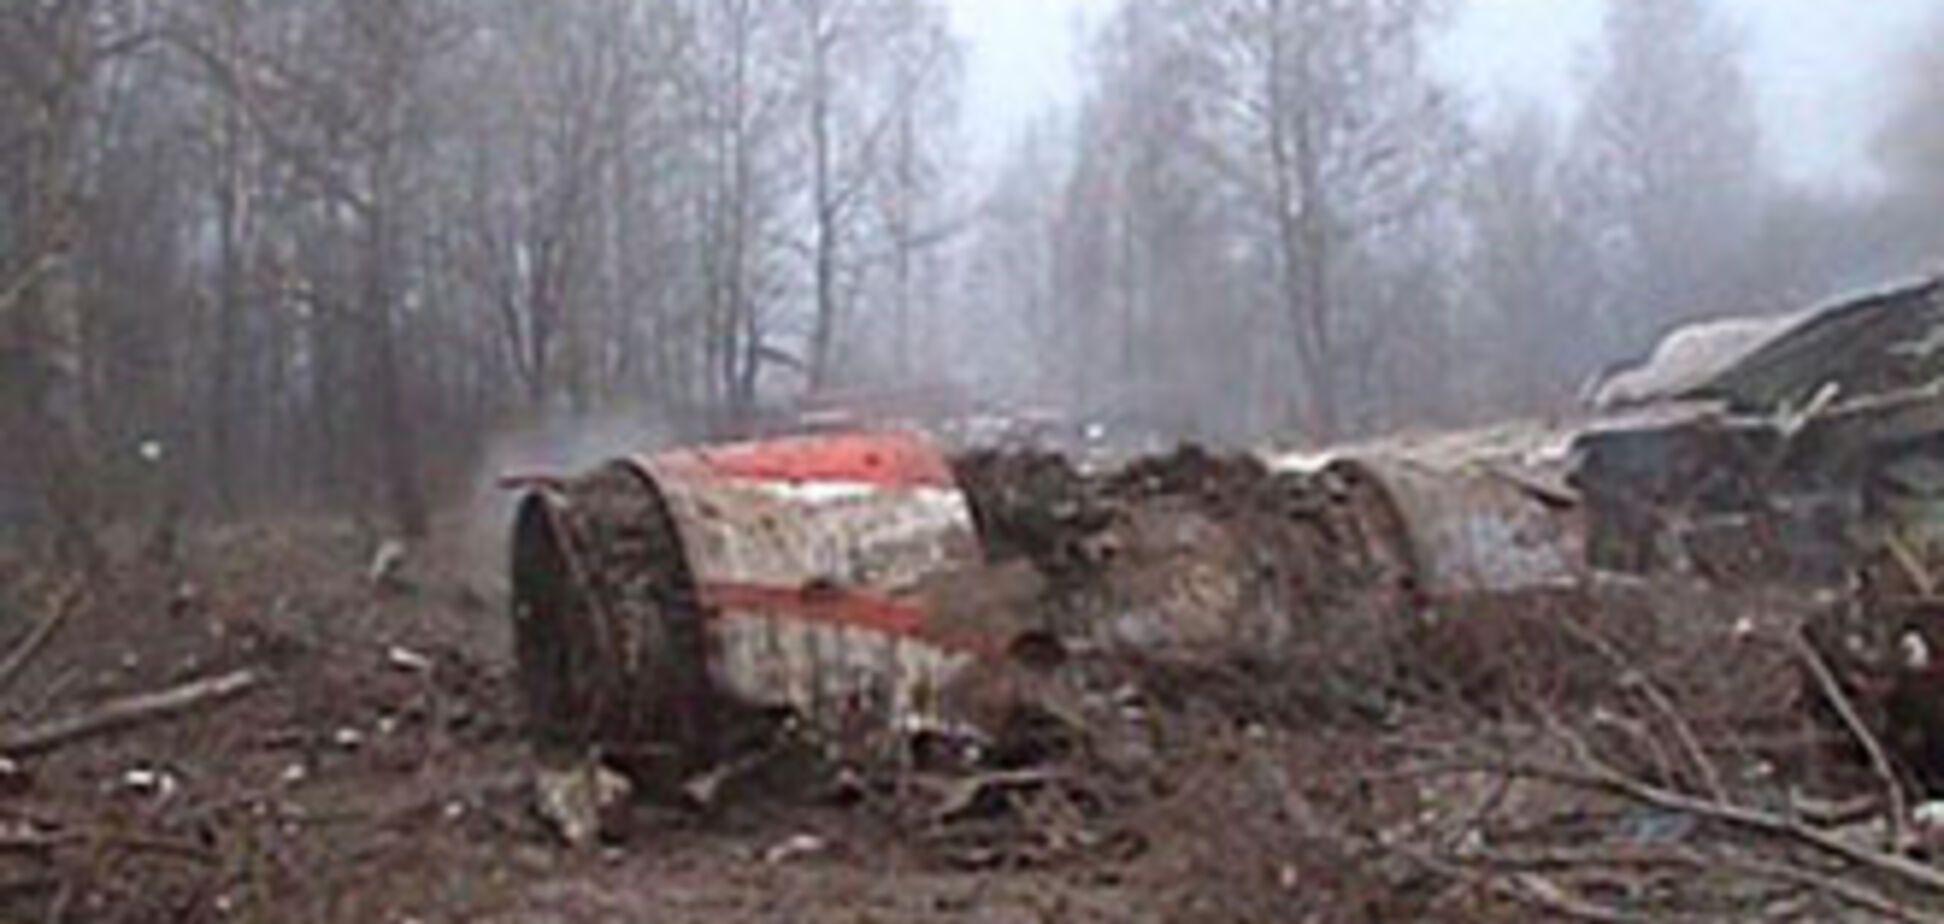 Катастрофа Ту-154 под Смоленском: версии блогеров